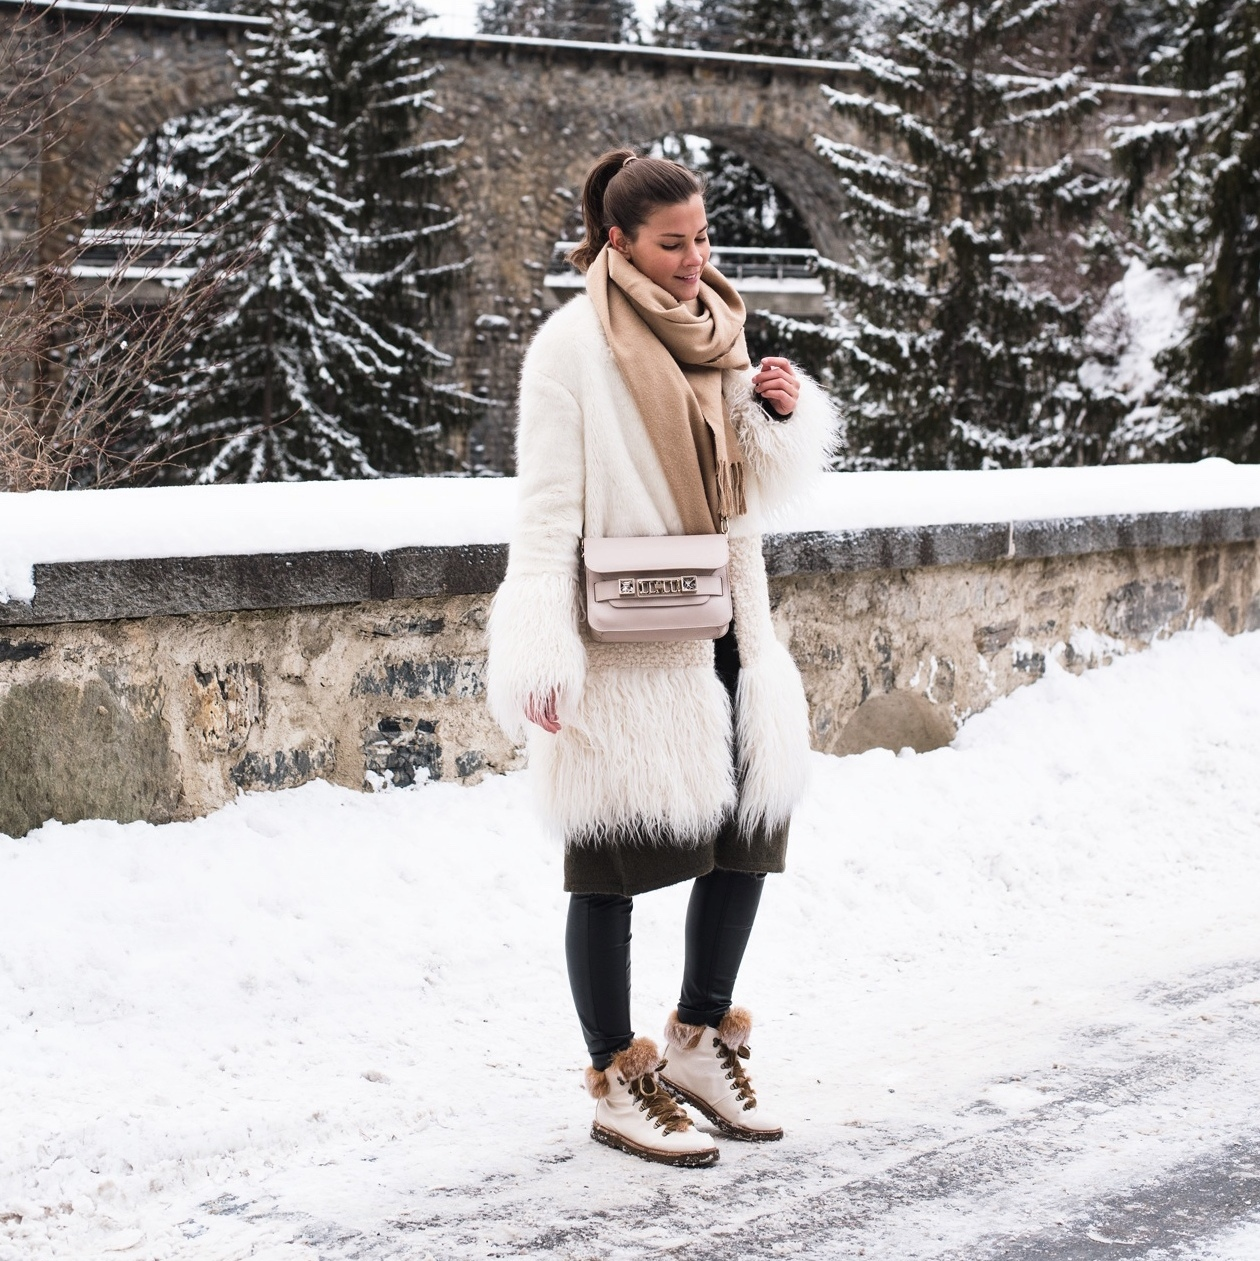 gefühlte kalte füße sind aber warm